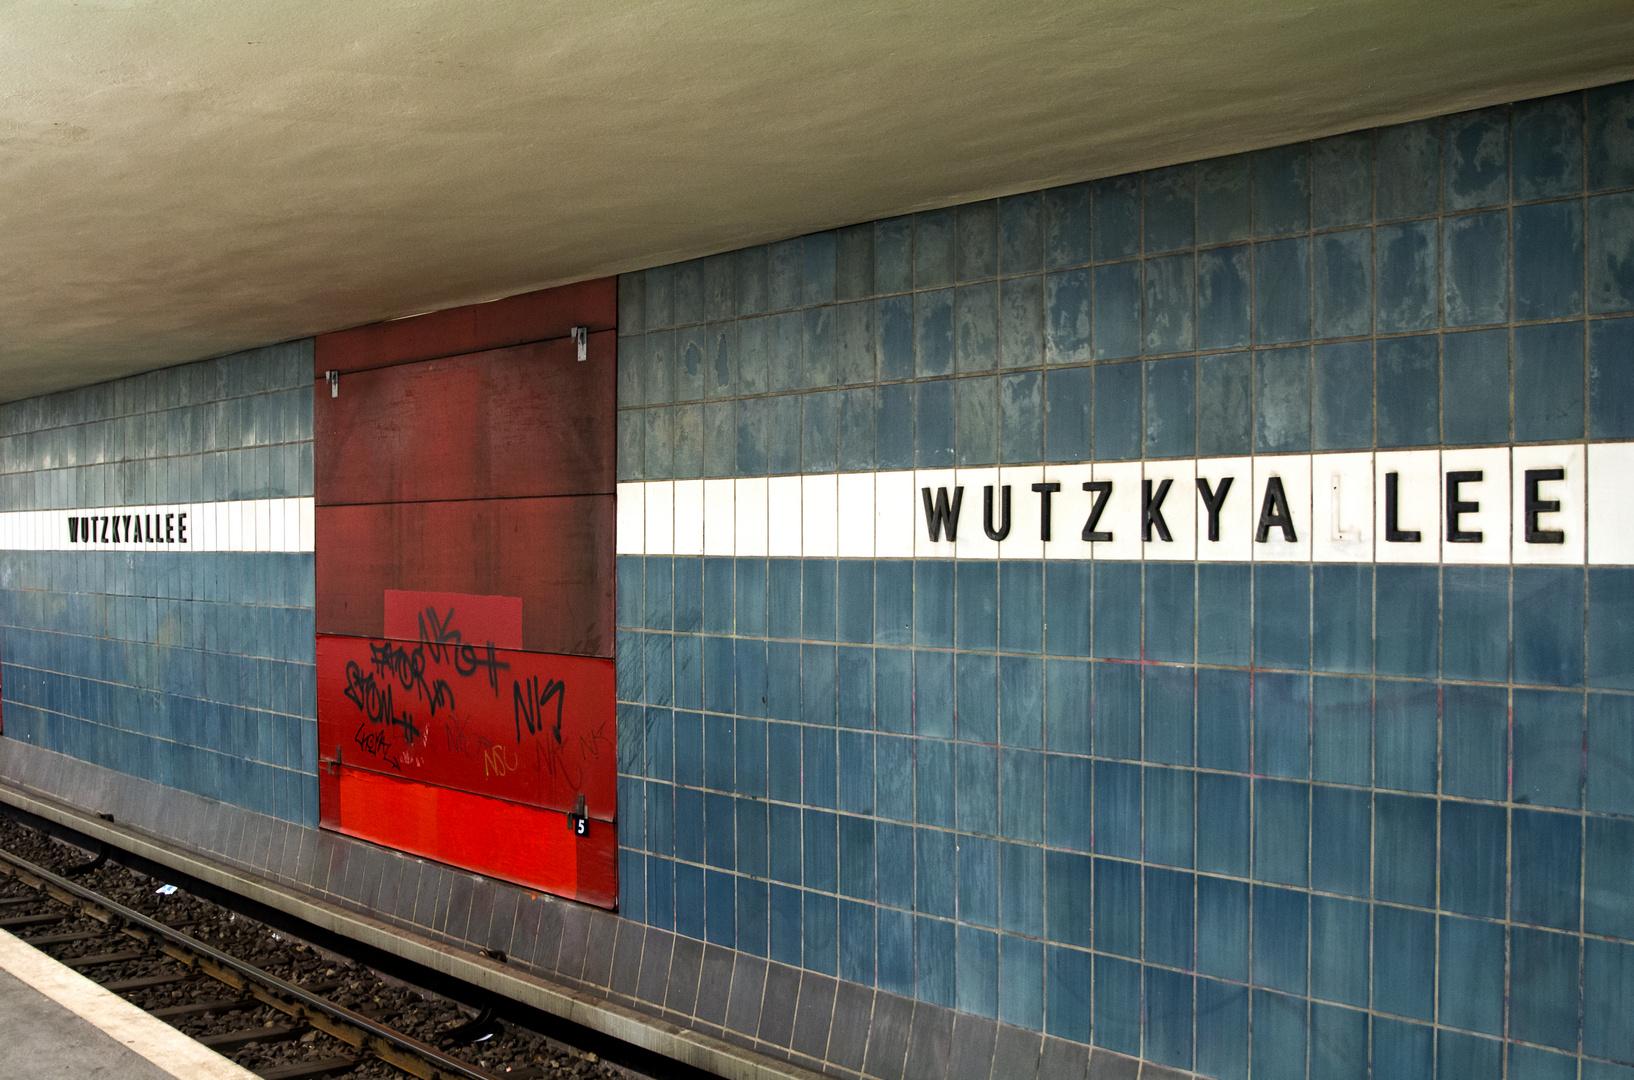 Wutzkyallee